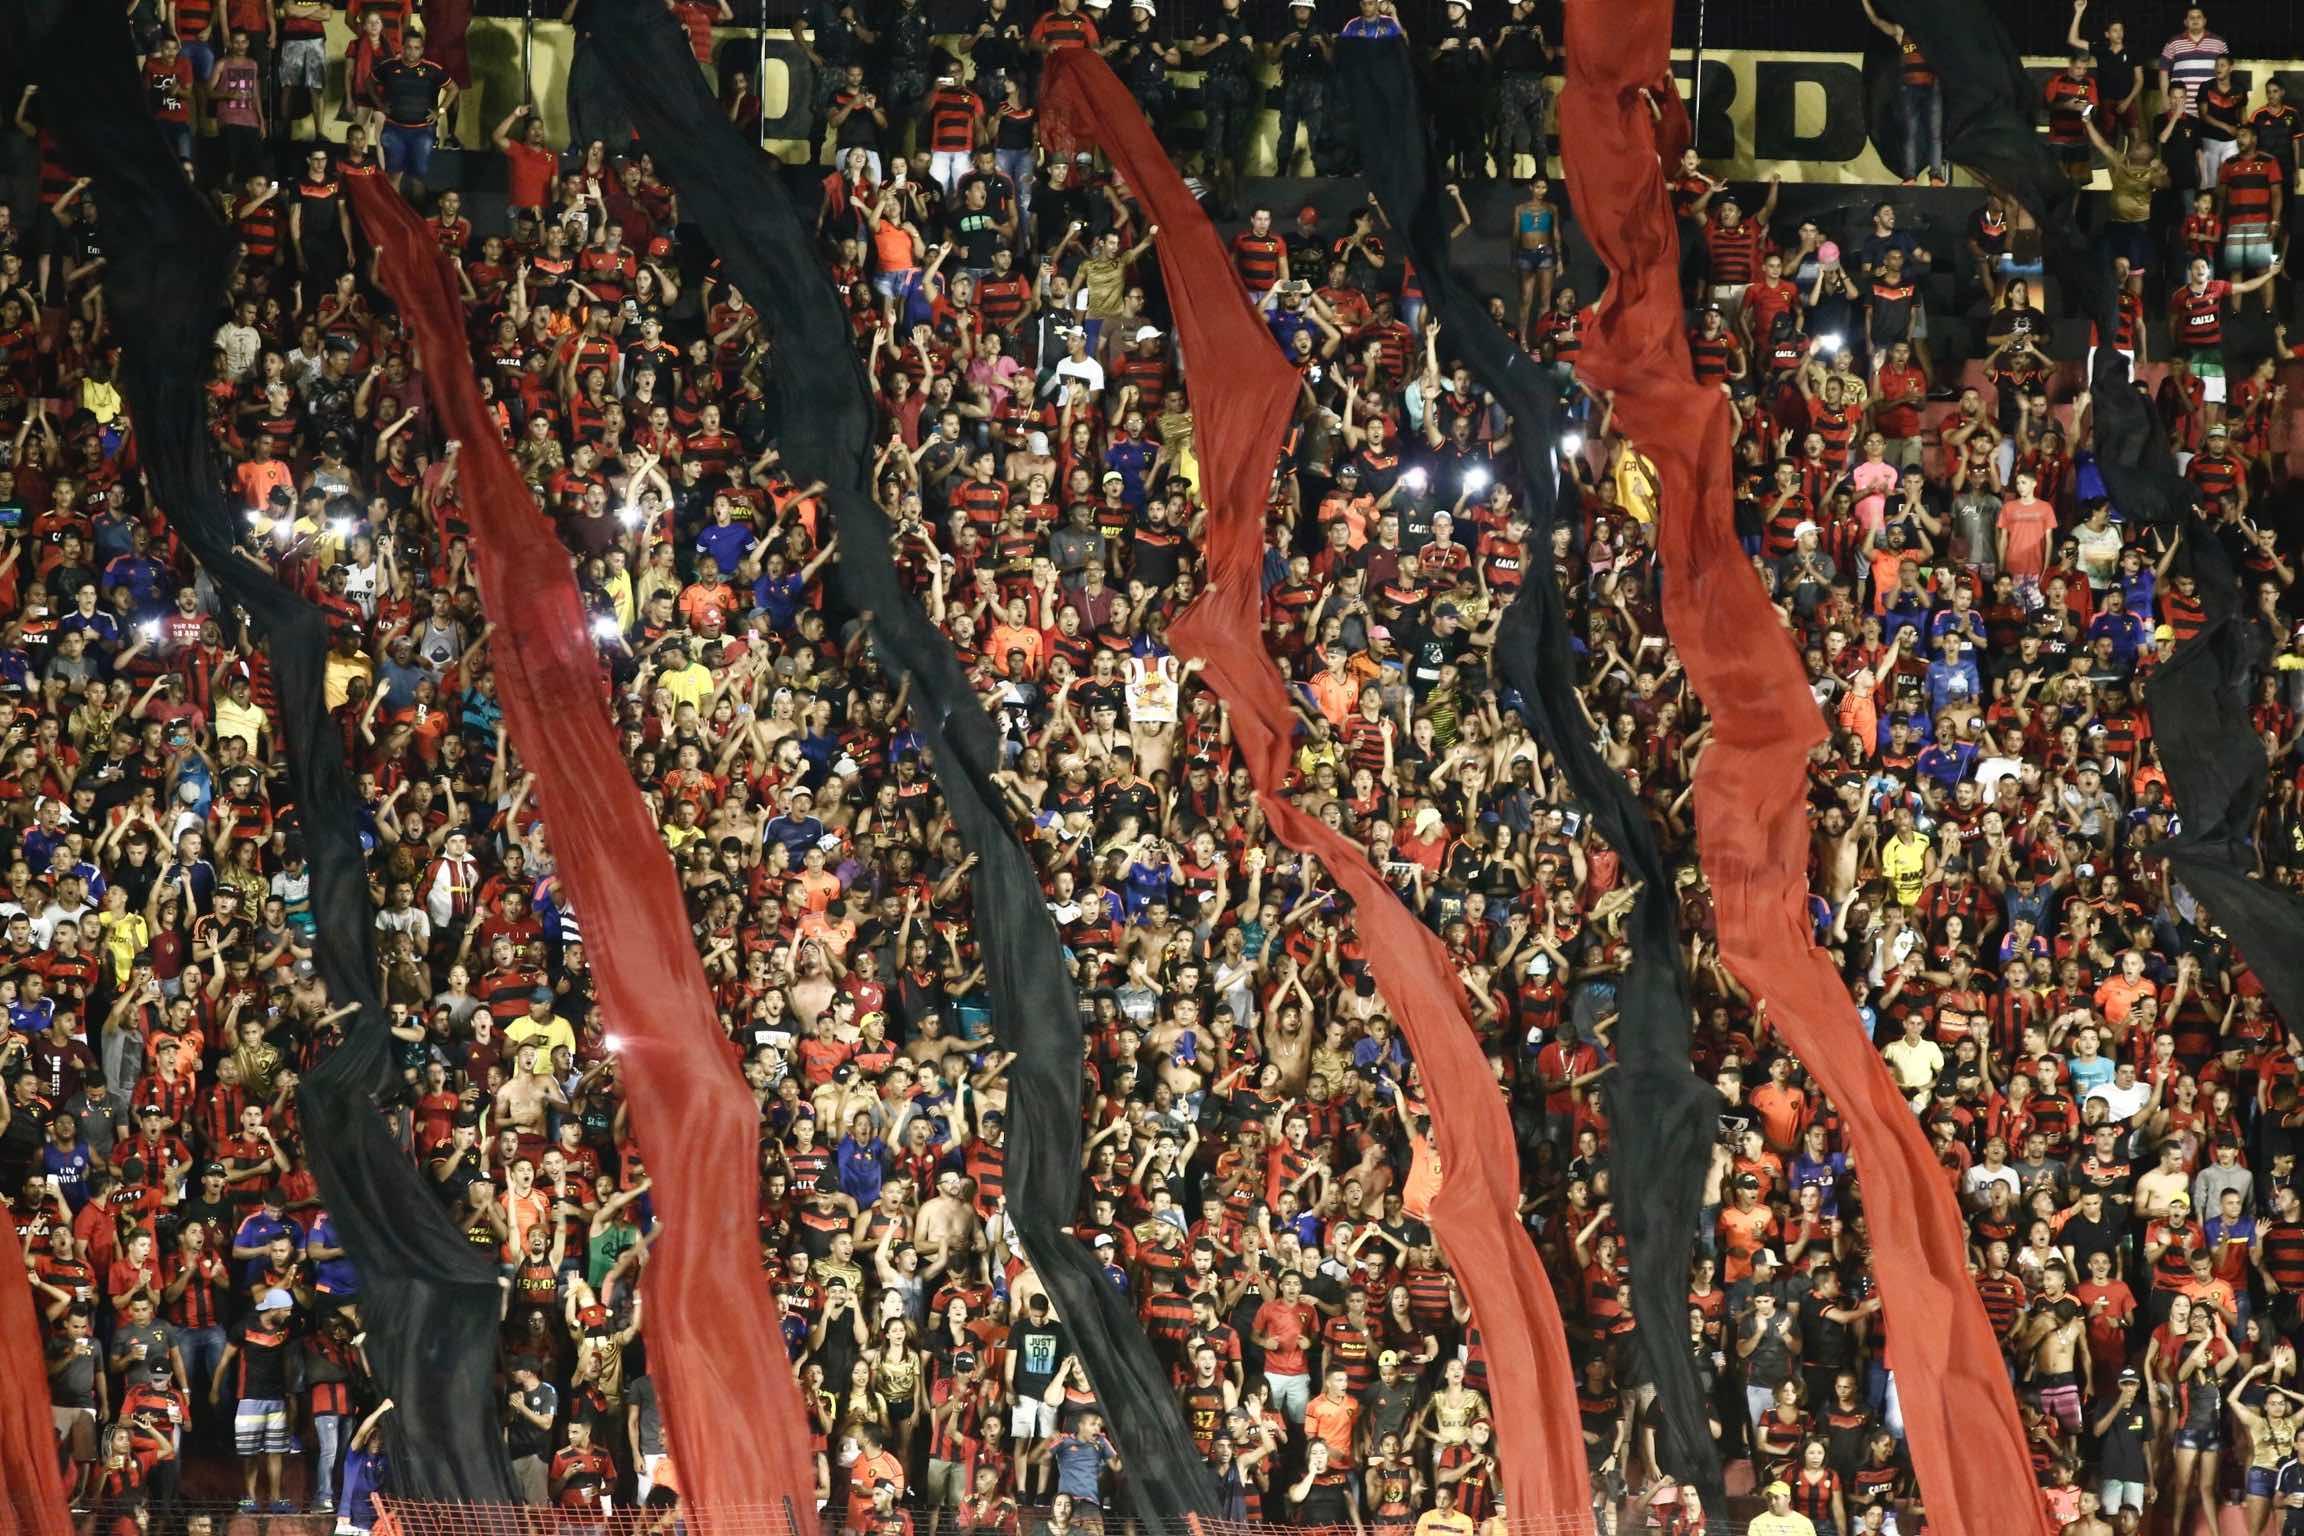 Foto da torcida do Sport Club do Recife